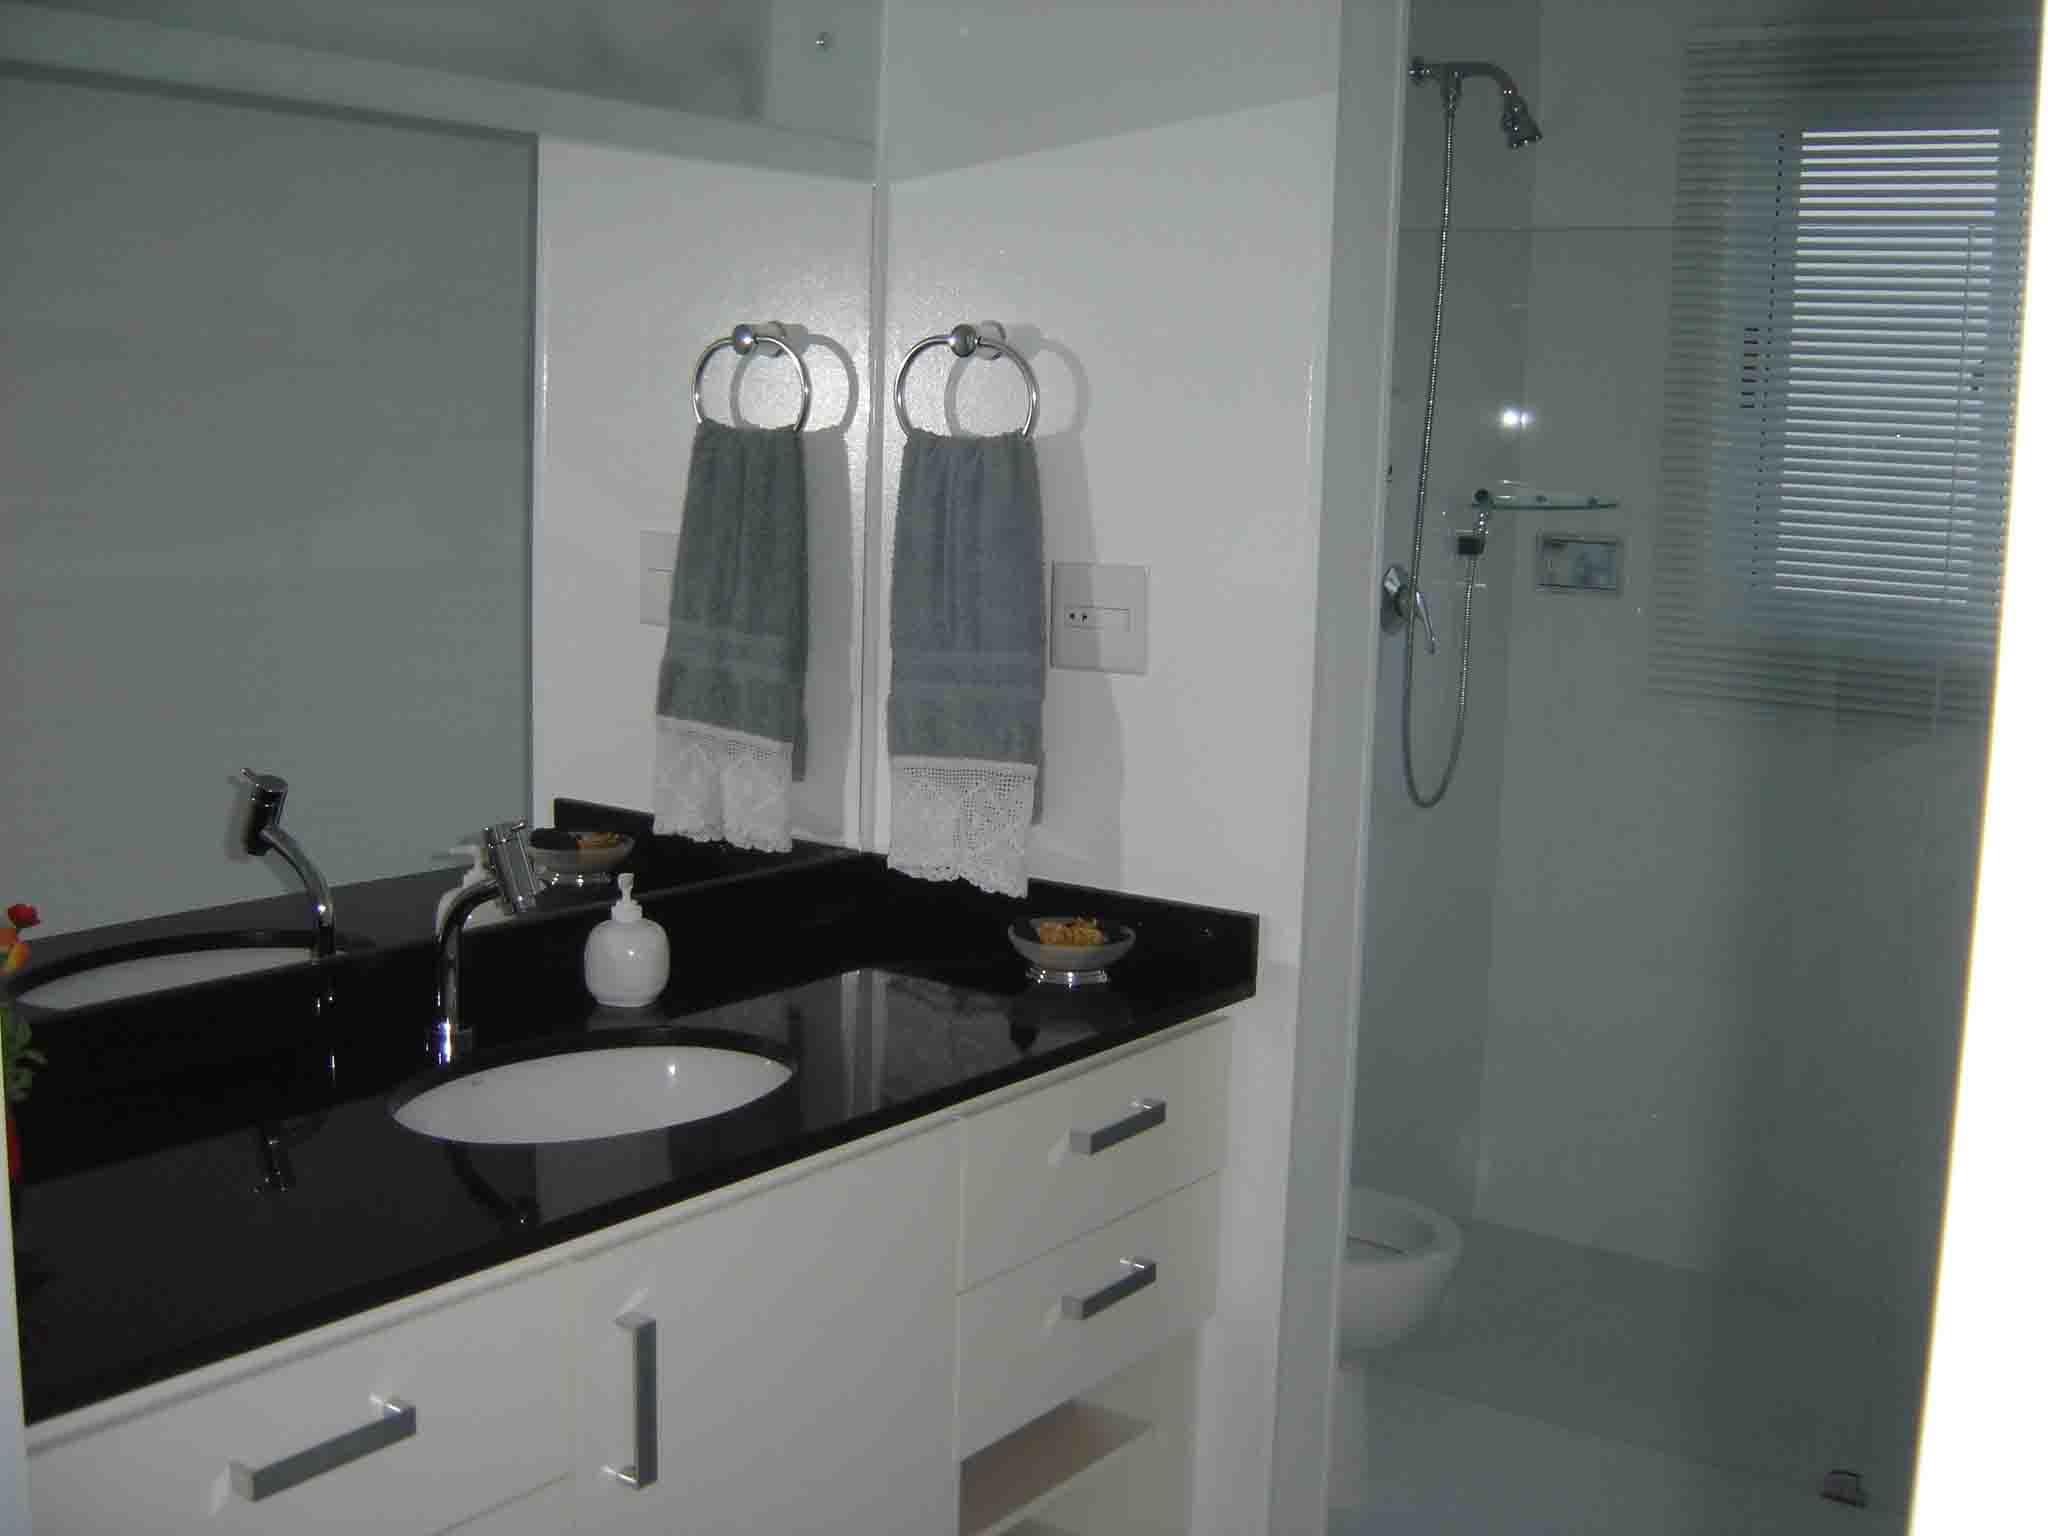 #5C4938 casa mobiliada de alto padrão com todo sistema de tecnologia para  2048x1536 px Armario De Cozinha Casas Bahia Natal Rn #1893 imagens